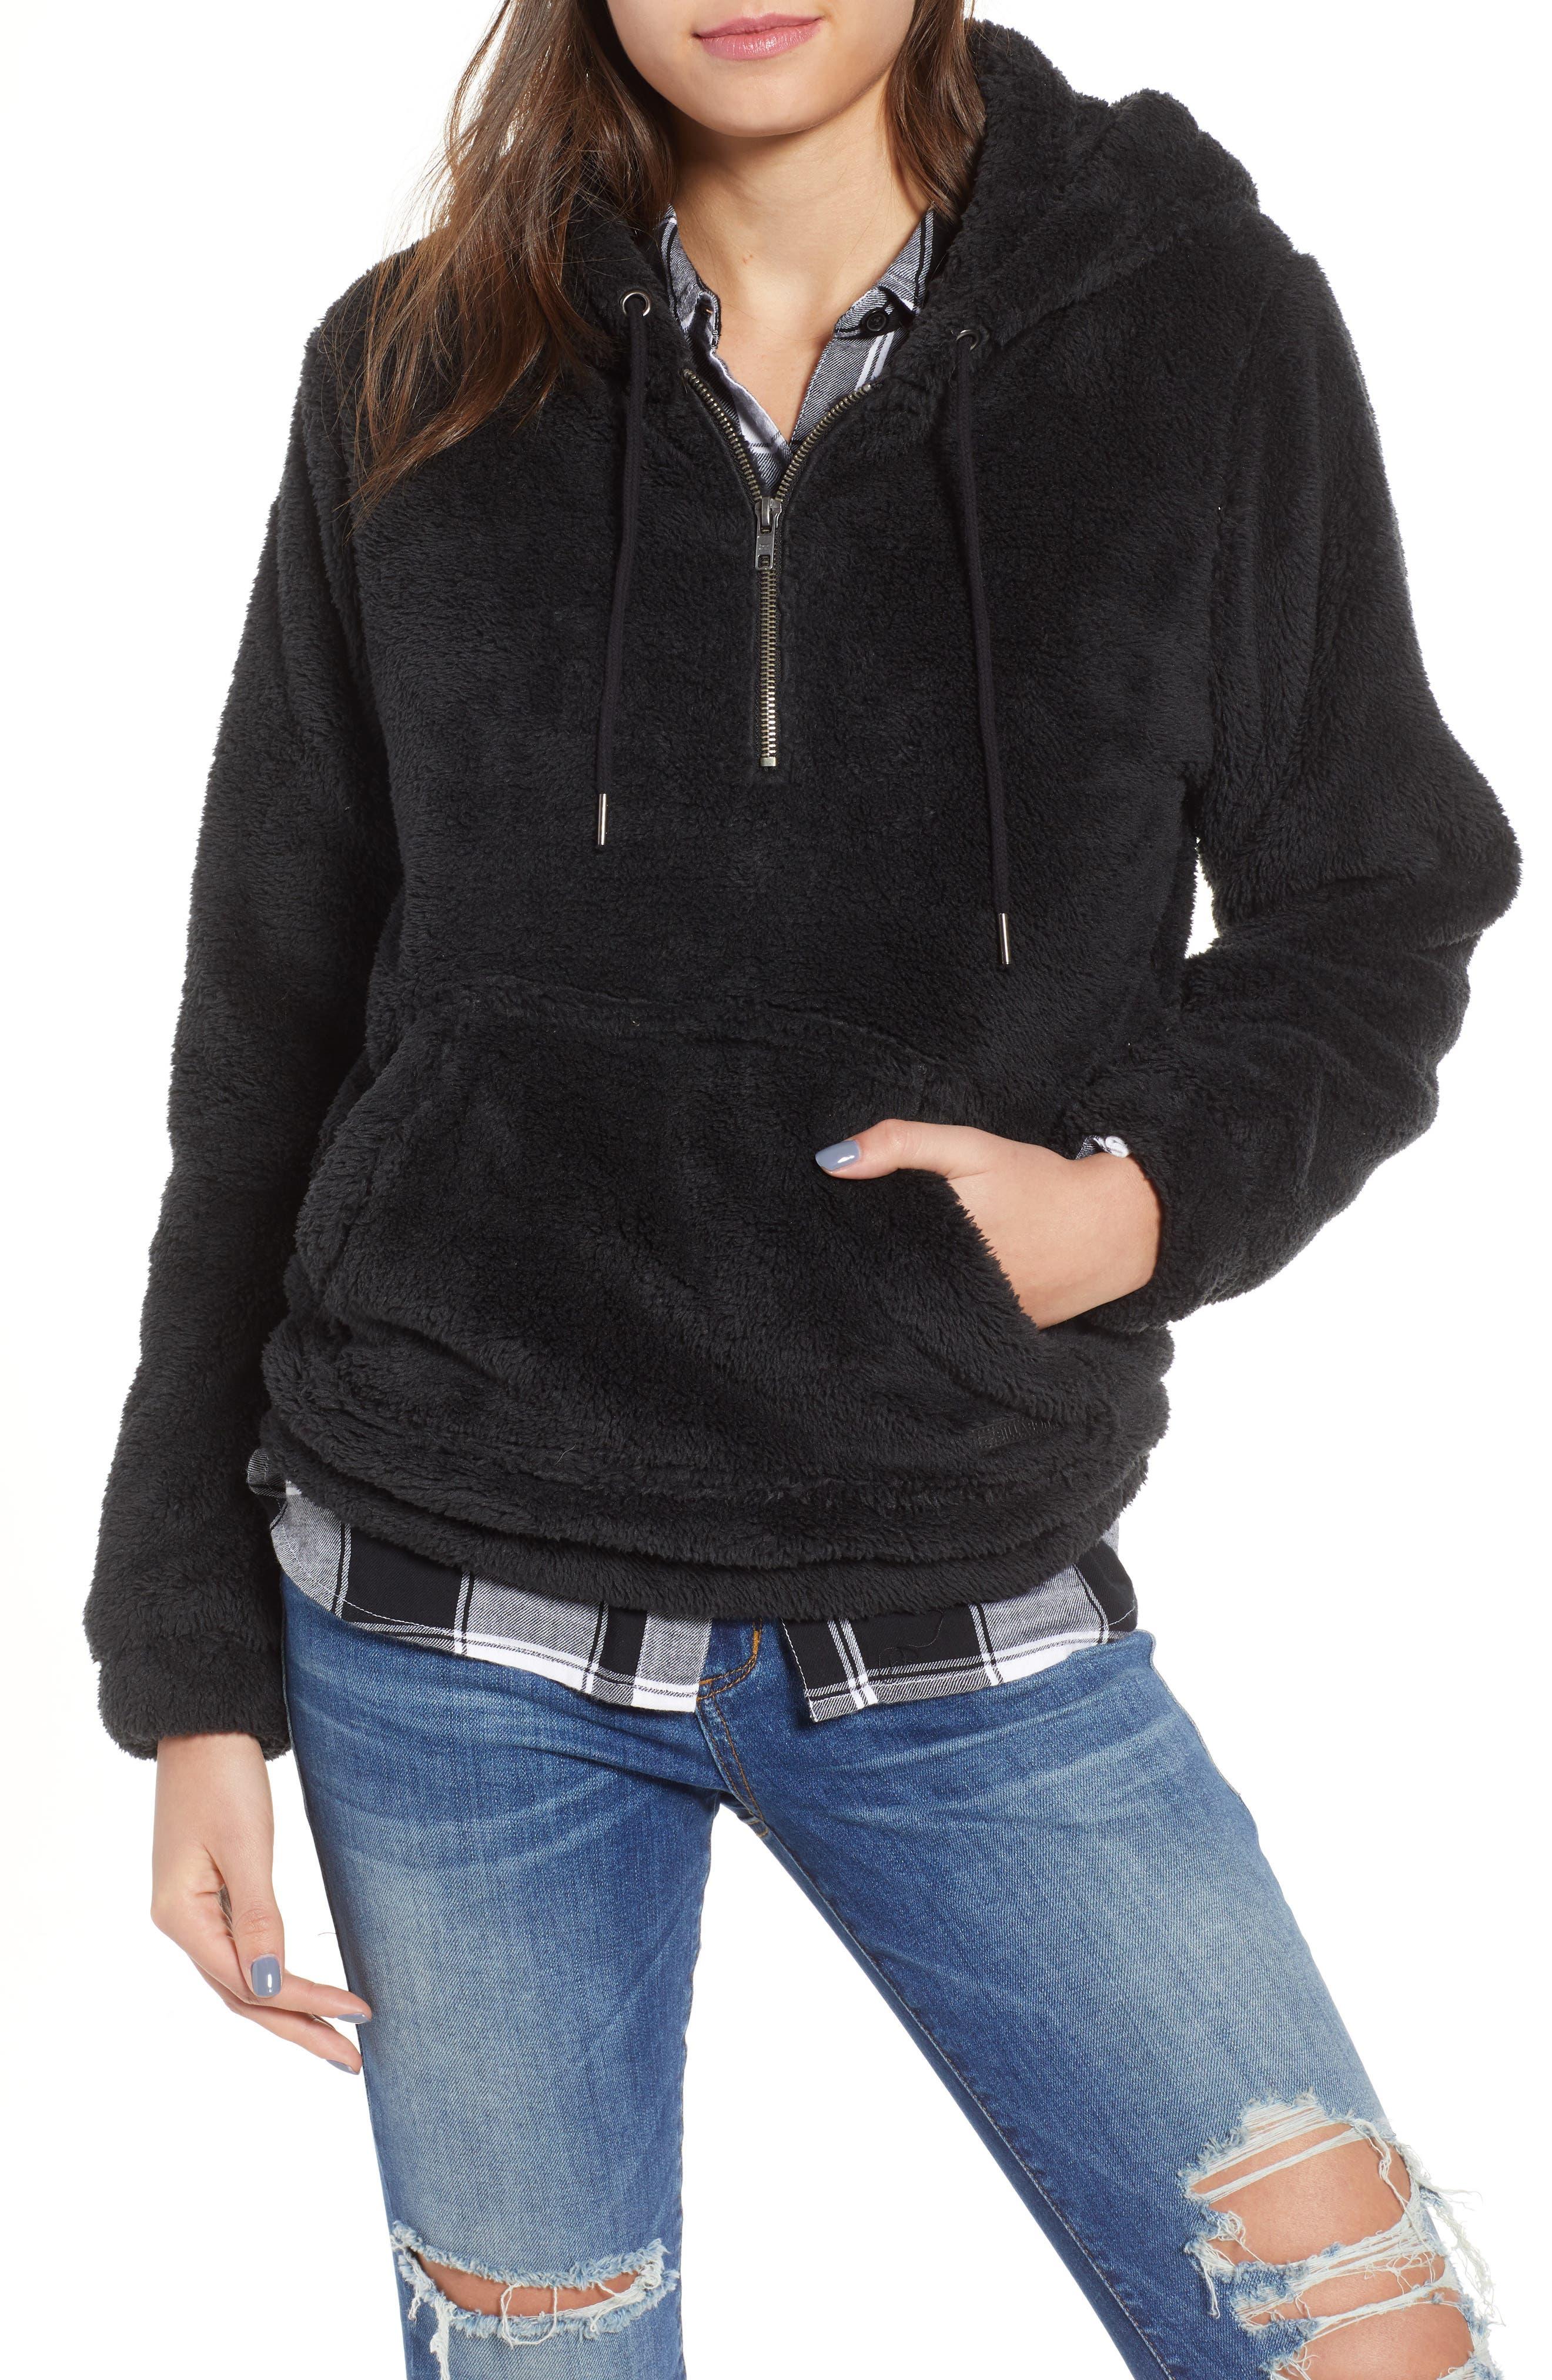 BILLABONG, Cozy For Keeps Fleece Pullover, Main thumbnail 1, color, 001